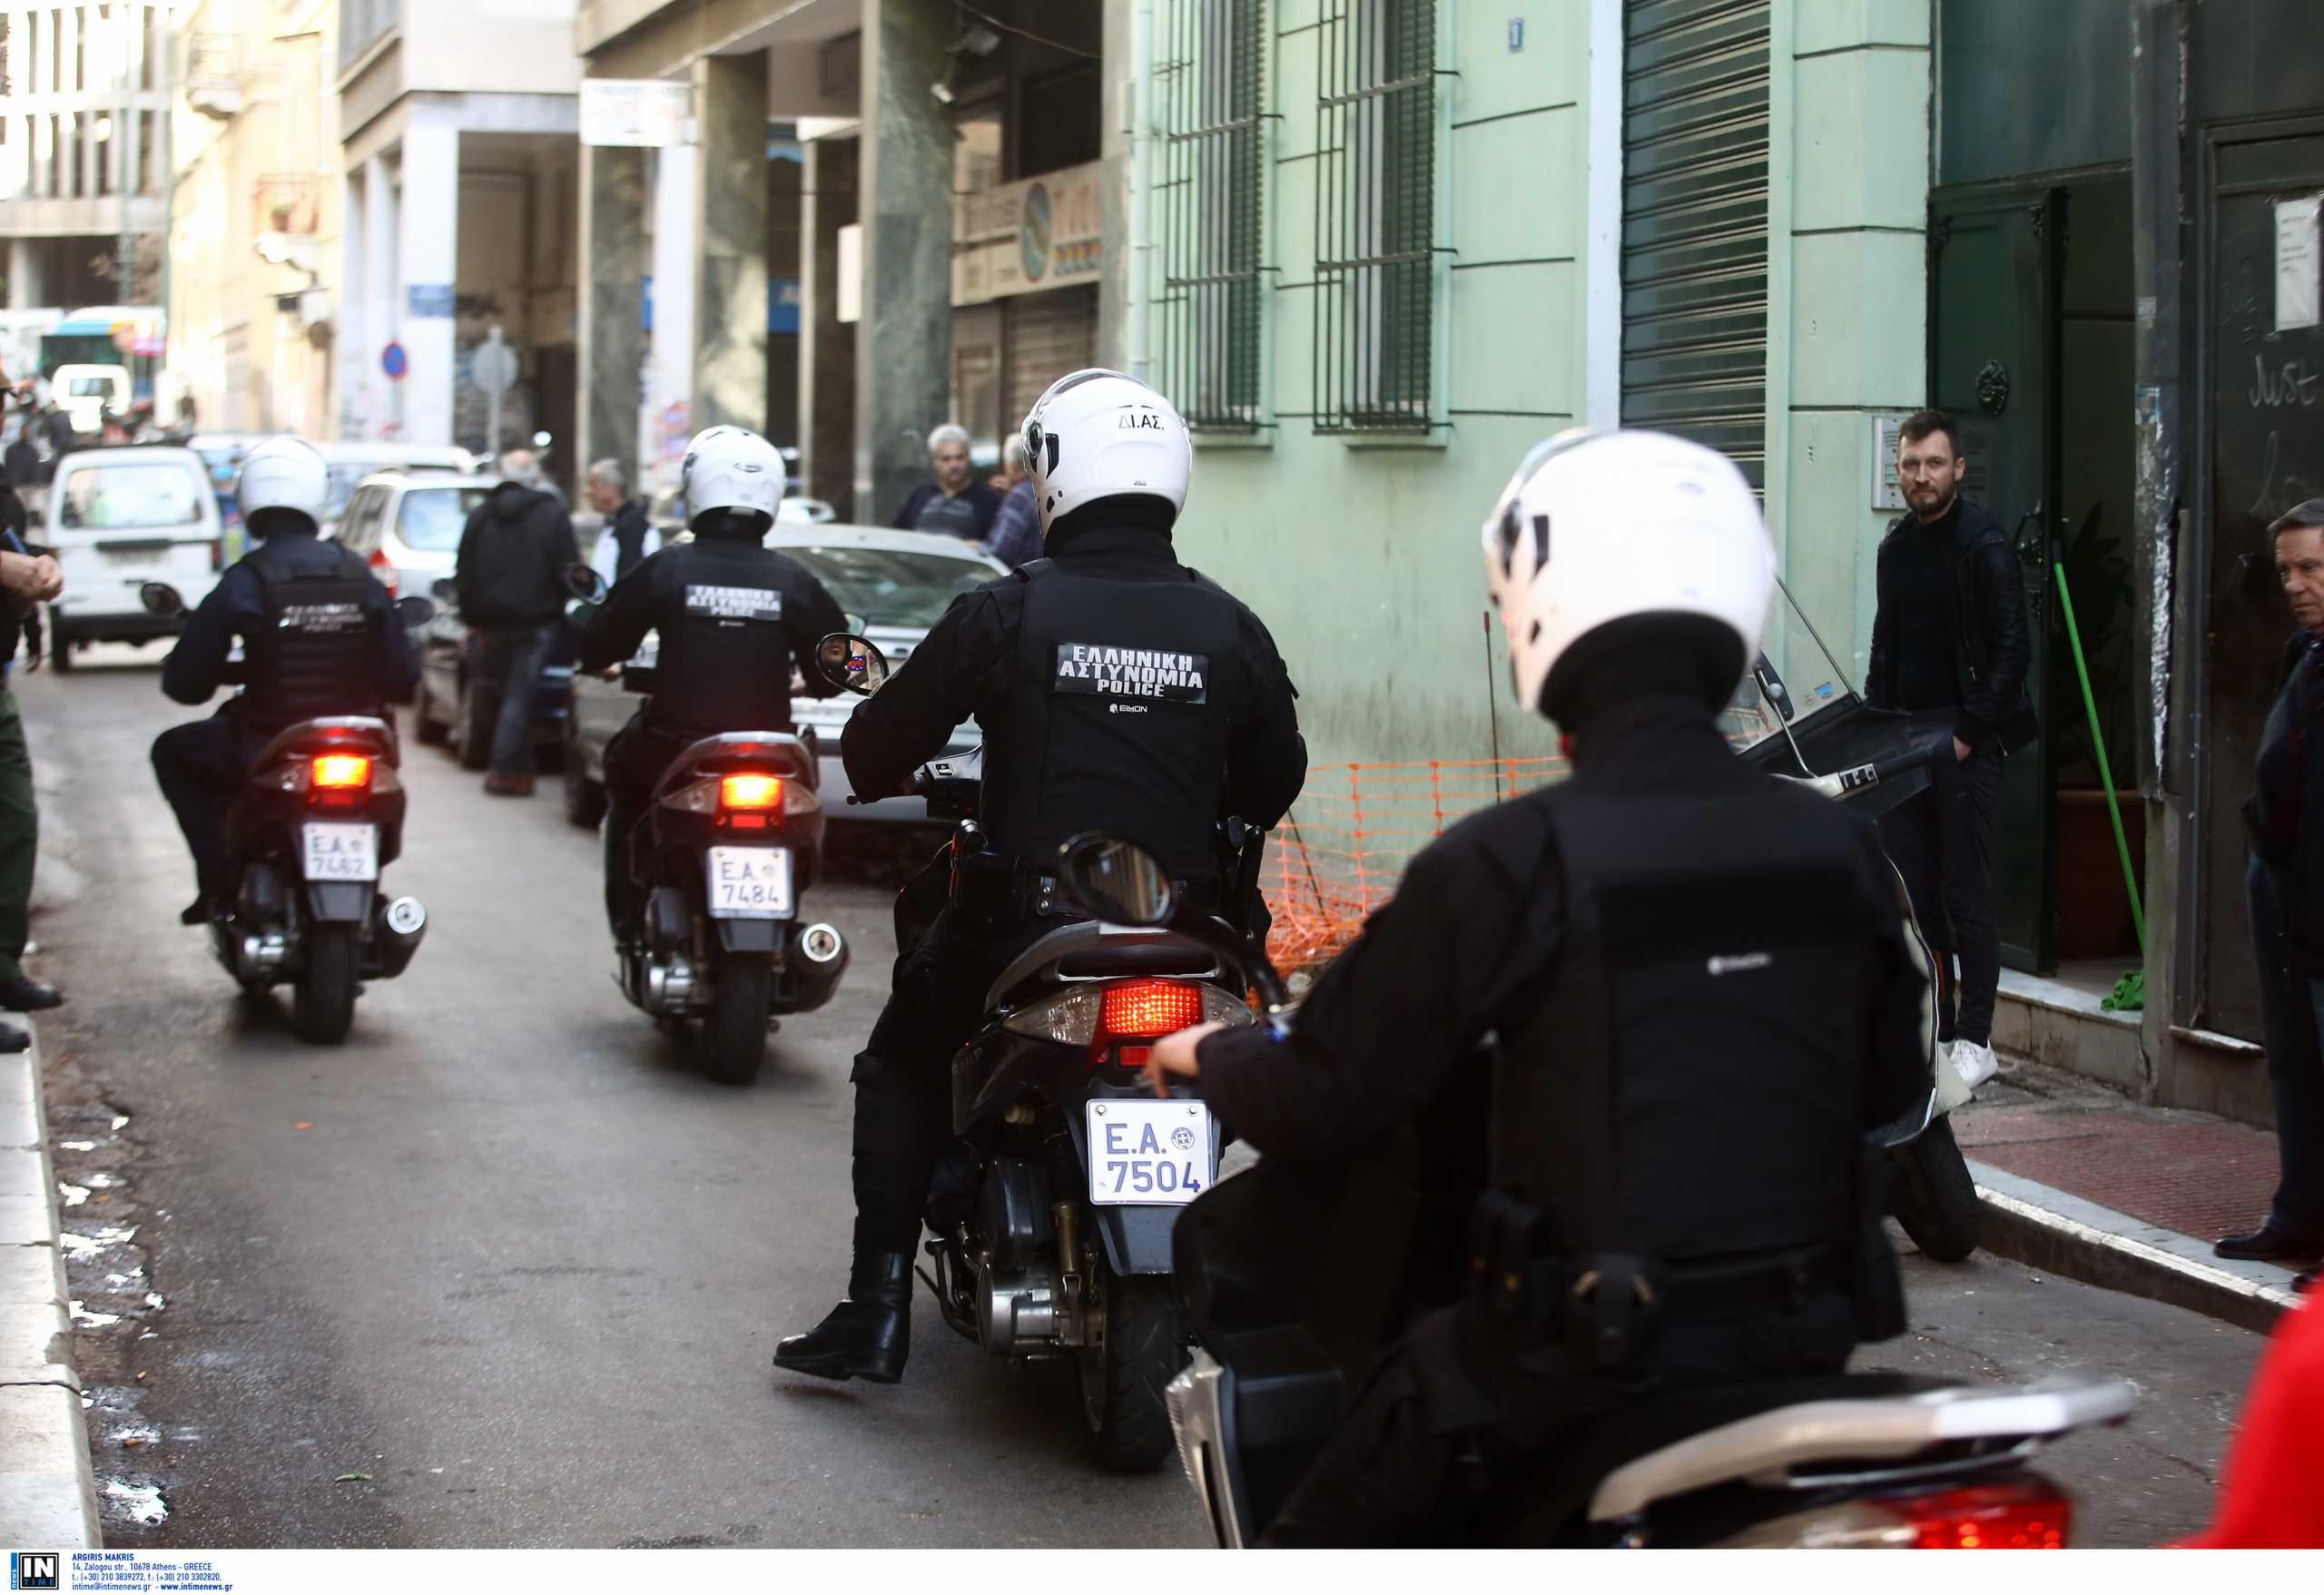 Γαλάτσι – Απάντηση της ΕΛ.ΑΣ.: Ο σκύλος δάγκωσε τον αστυνομικό